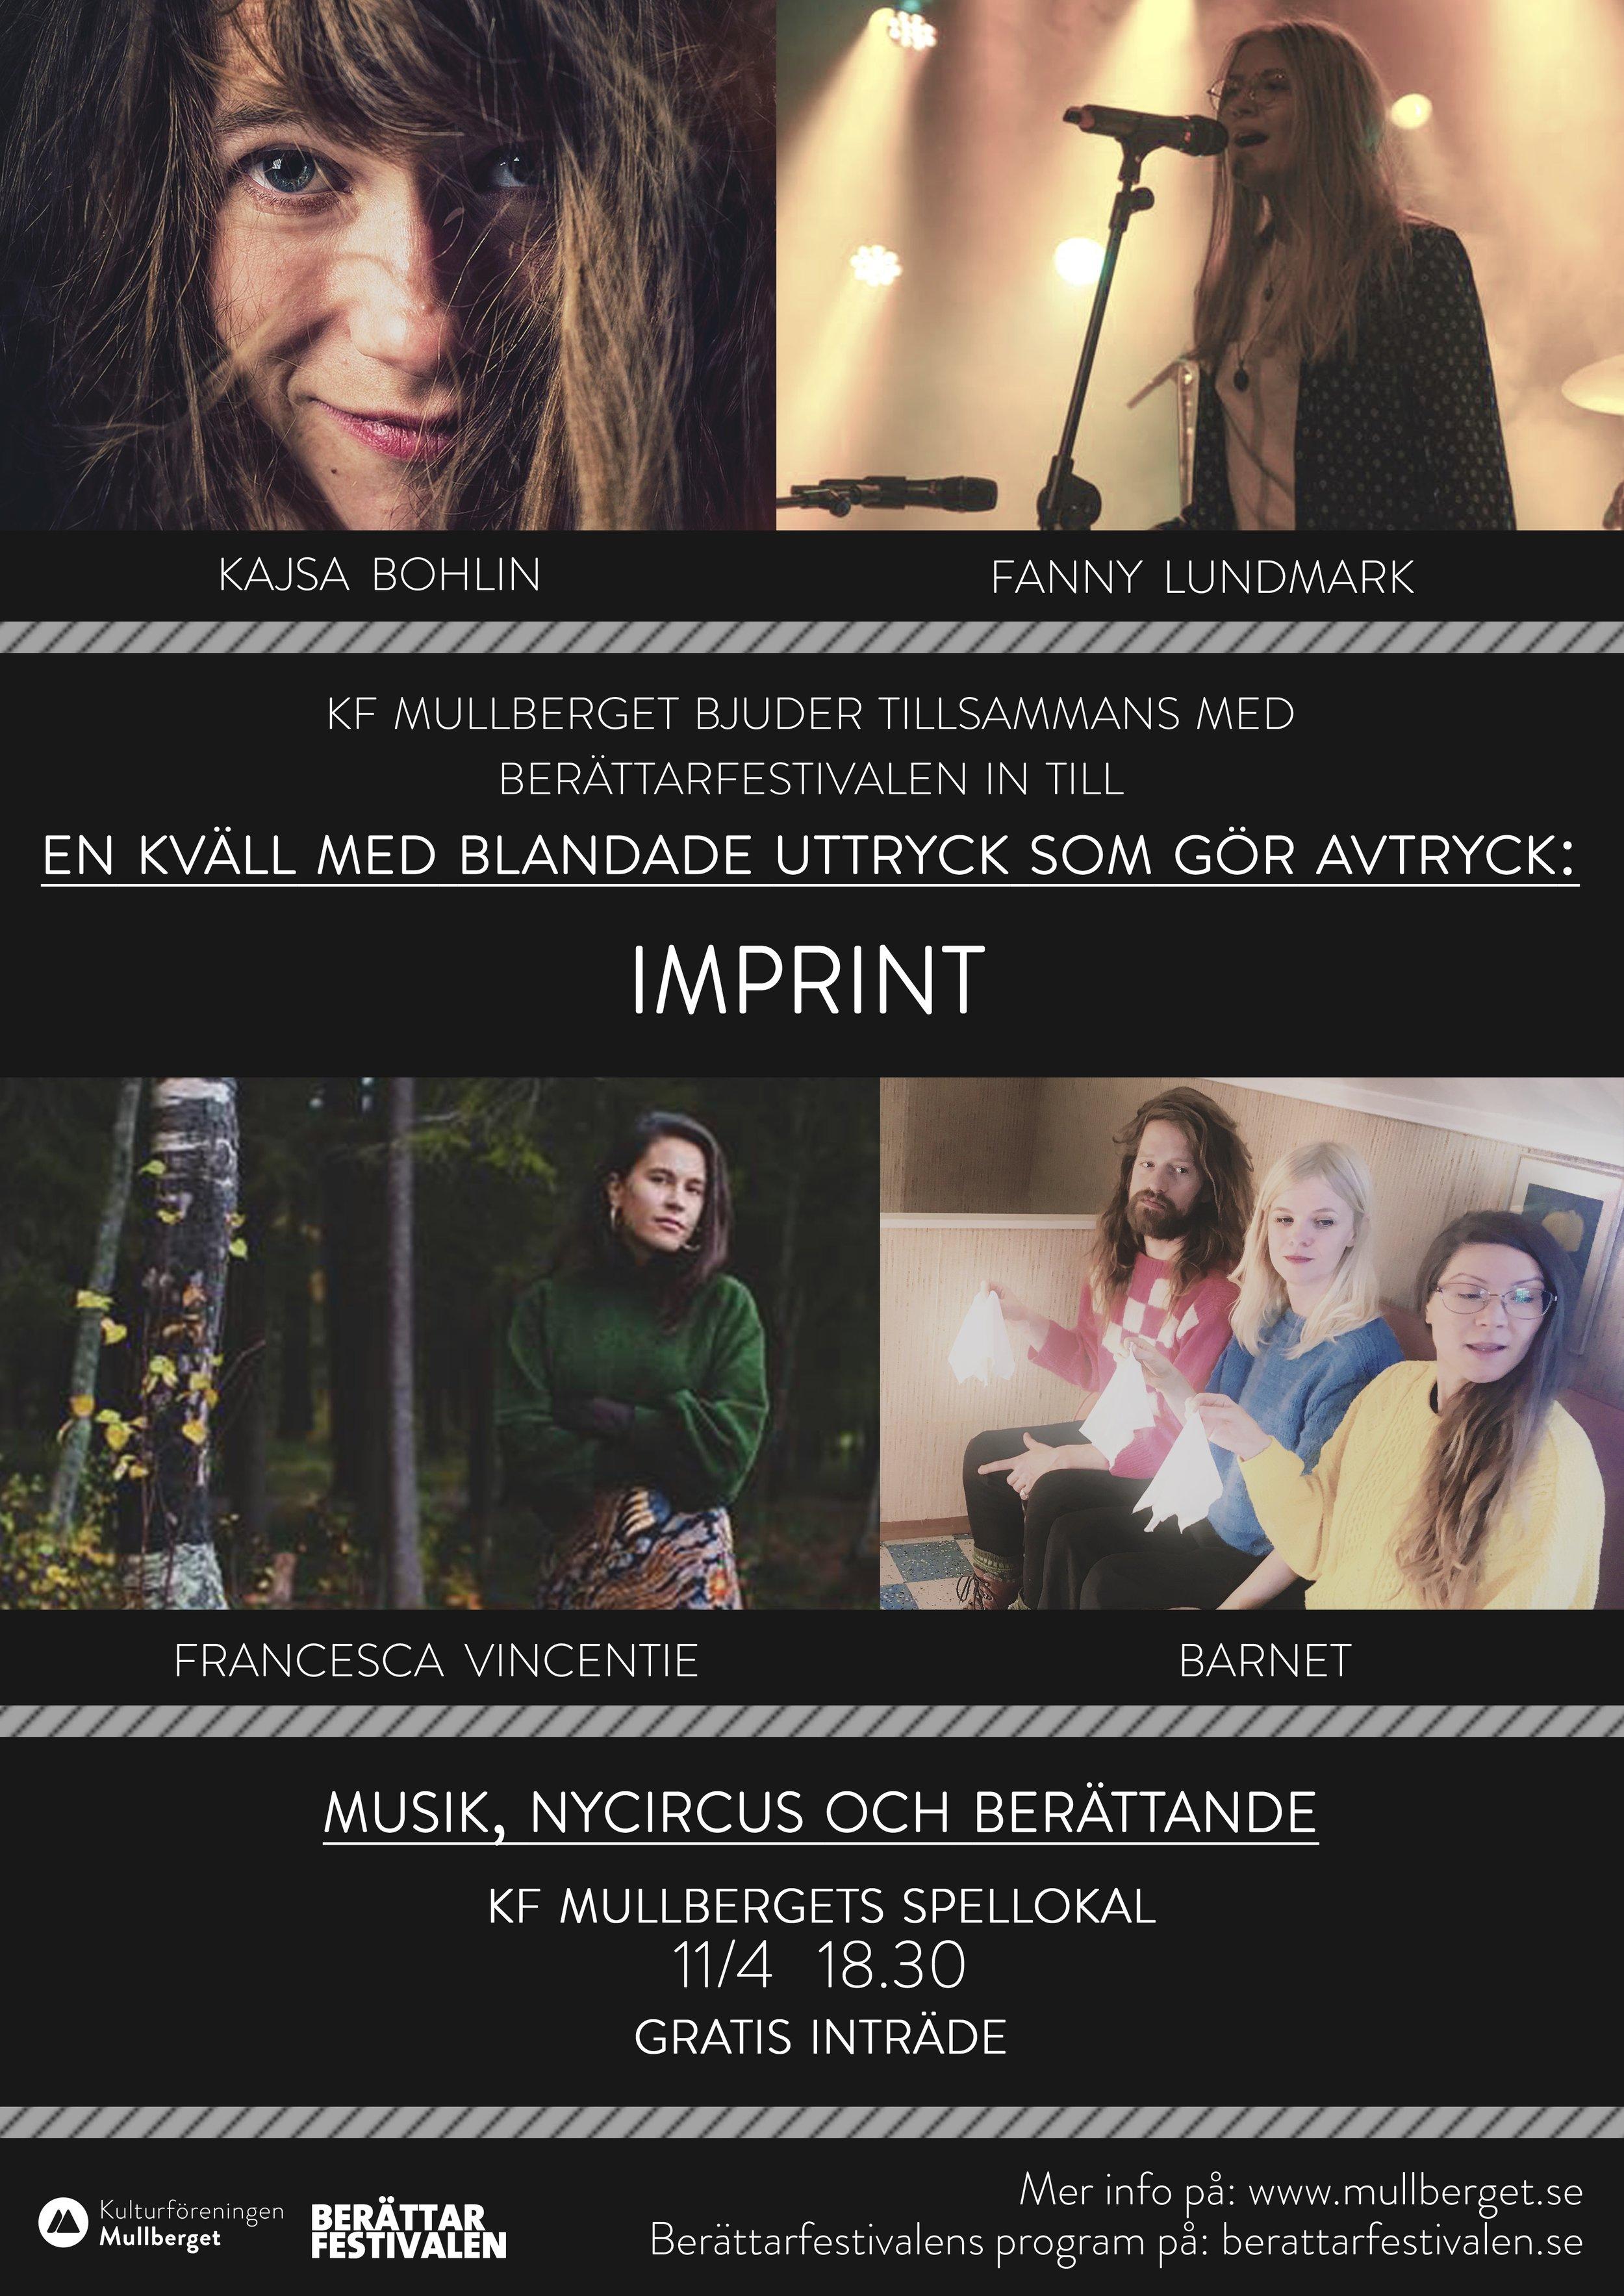 Berättarfest. affisch kopiera JPG.jpg